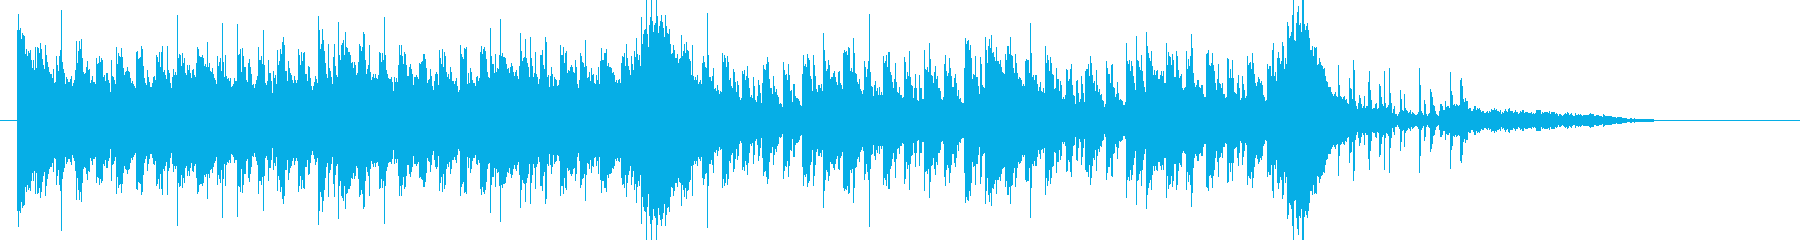 エレクトロな展開してループするBGMの再生済みの波形